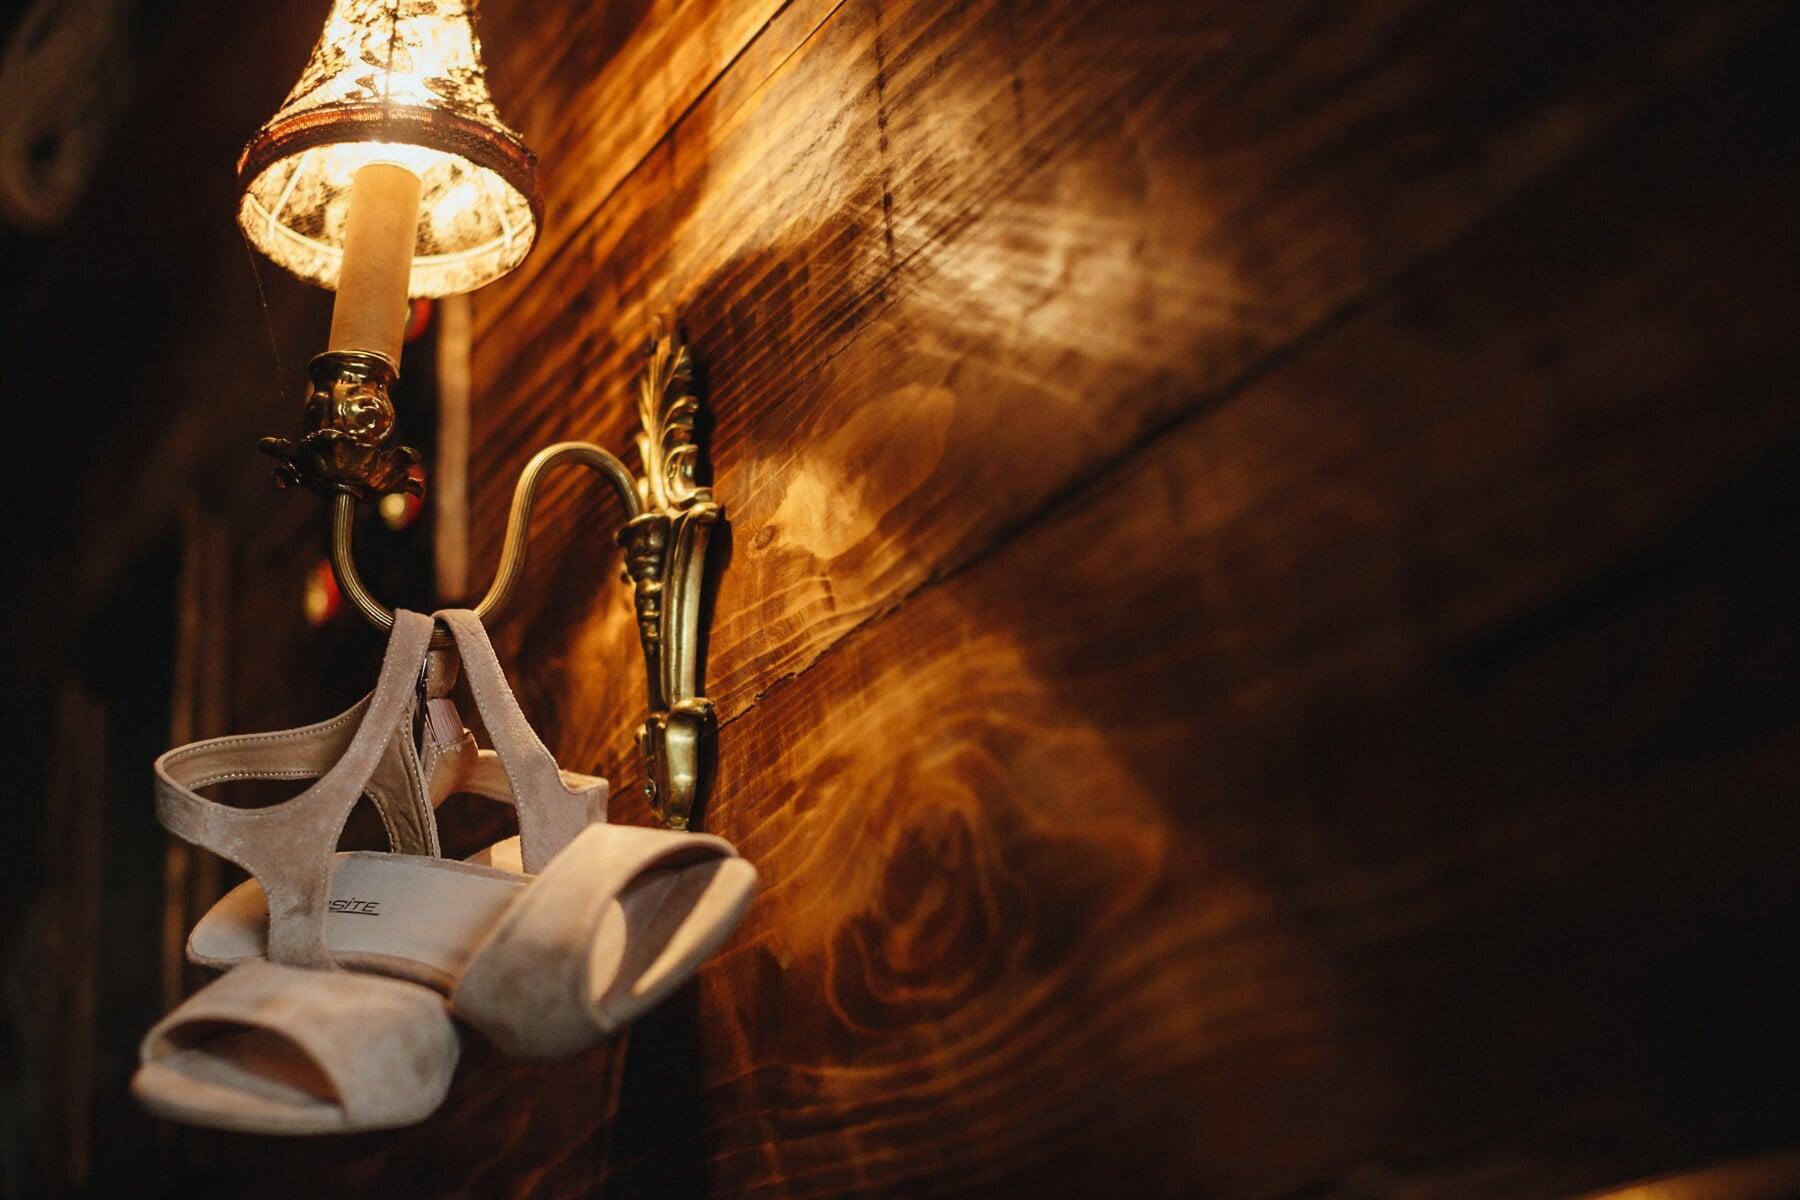 romantique, sandale, vintage, blanc, chaussures, lanterne, ombre, bois, sombre, lumière